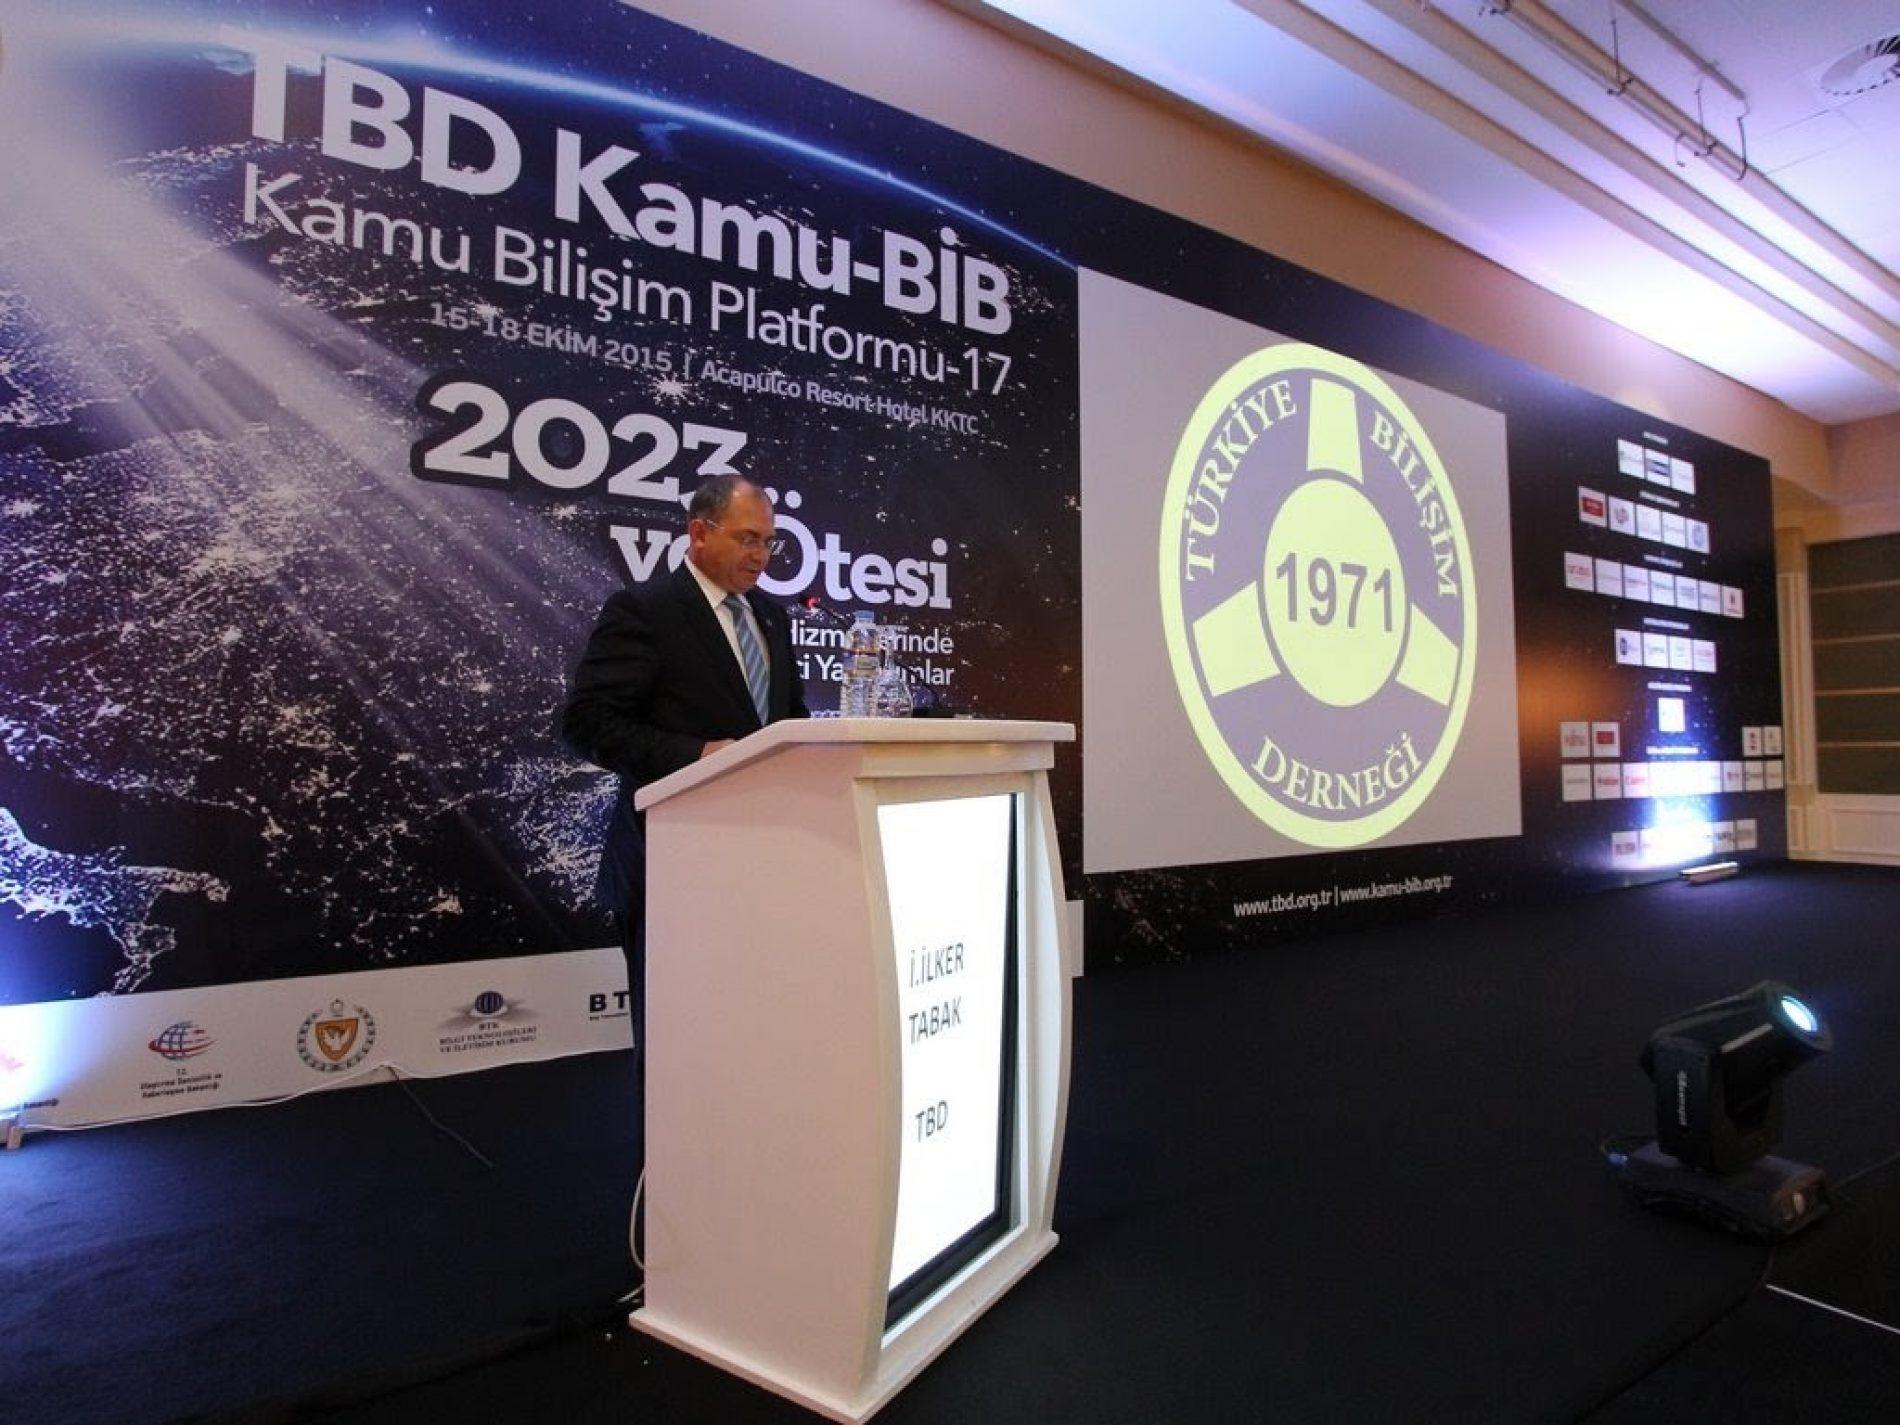 Kamu-BİB 17 Kamu Bilişim Platformu 15-18 Ekim 2015'de Girne'de gerçekleştirildi.